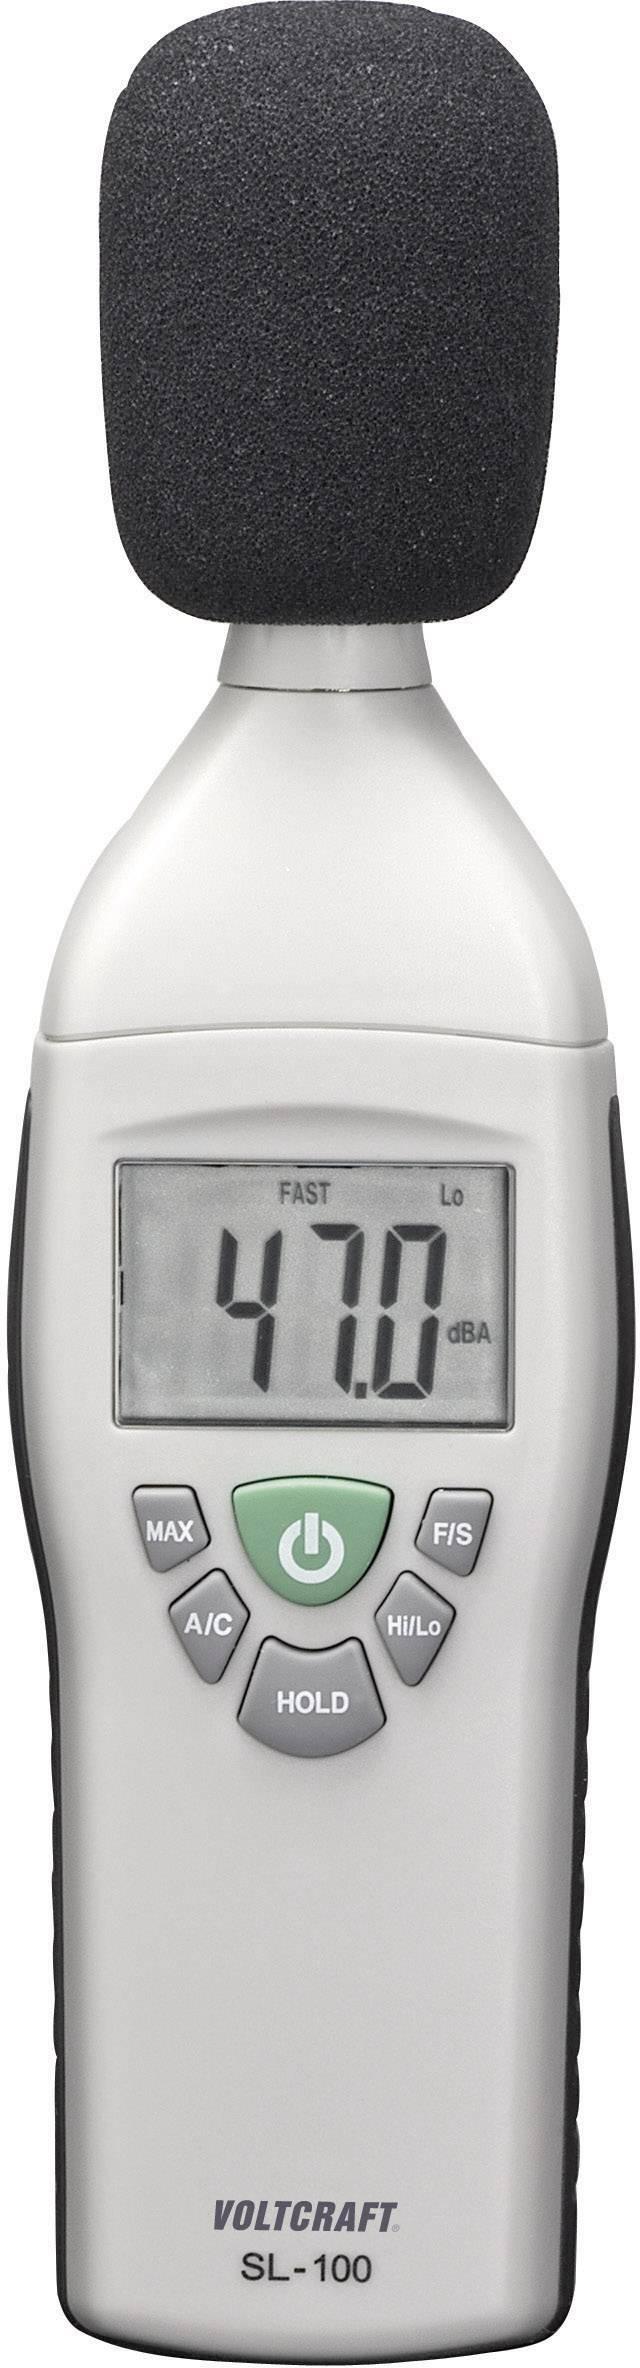 VOLTCRAFT Schallpegel-Messgerät SL-200 SE 30-130 dB 31.5Hz 8kHz